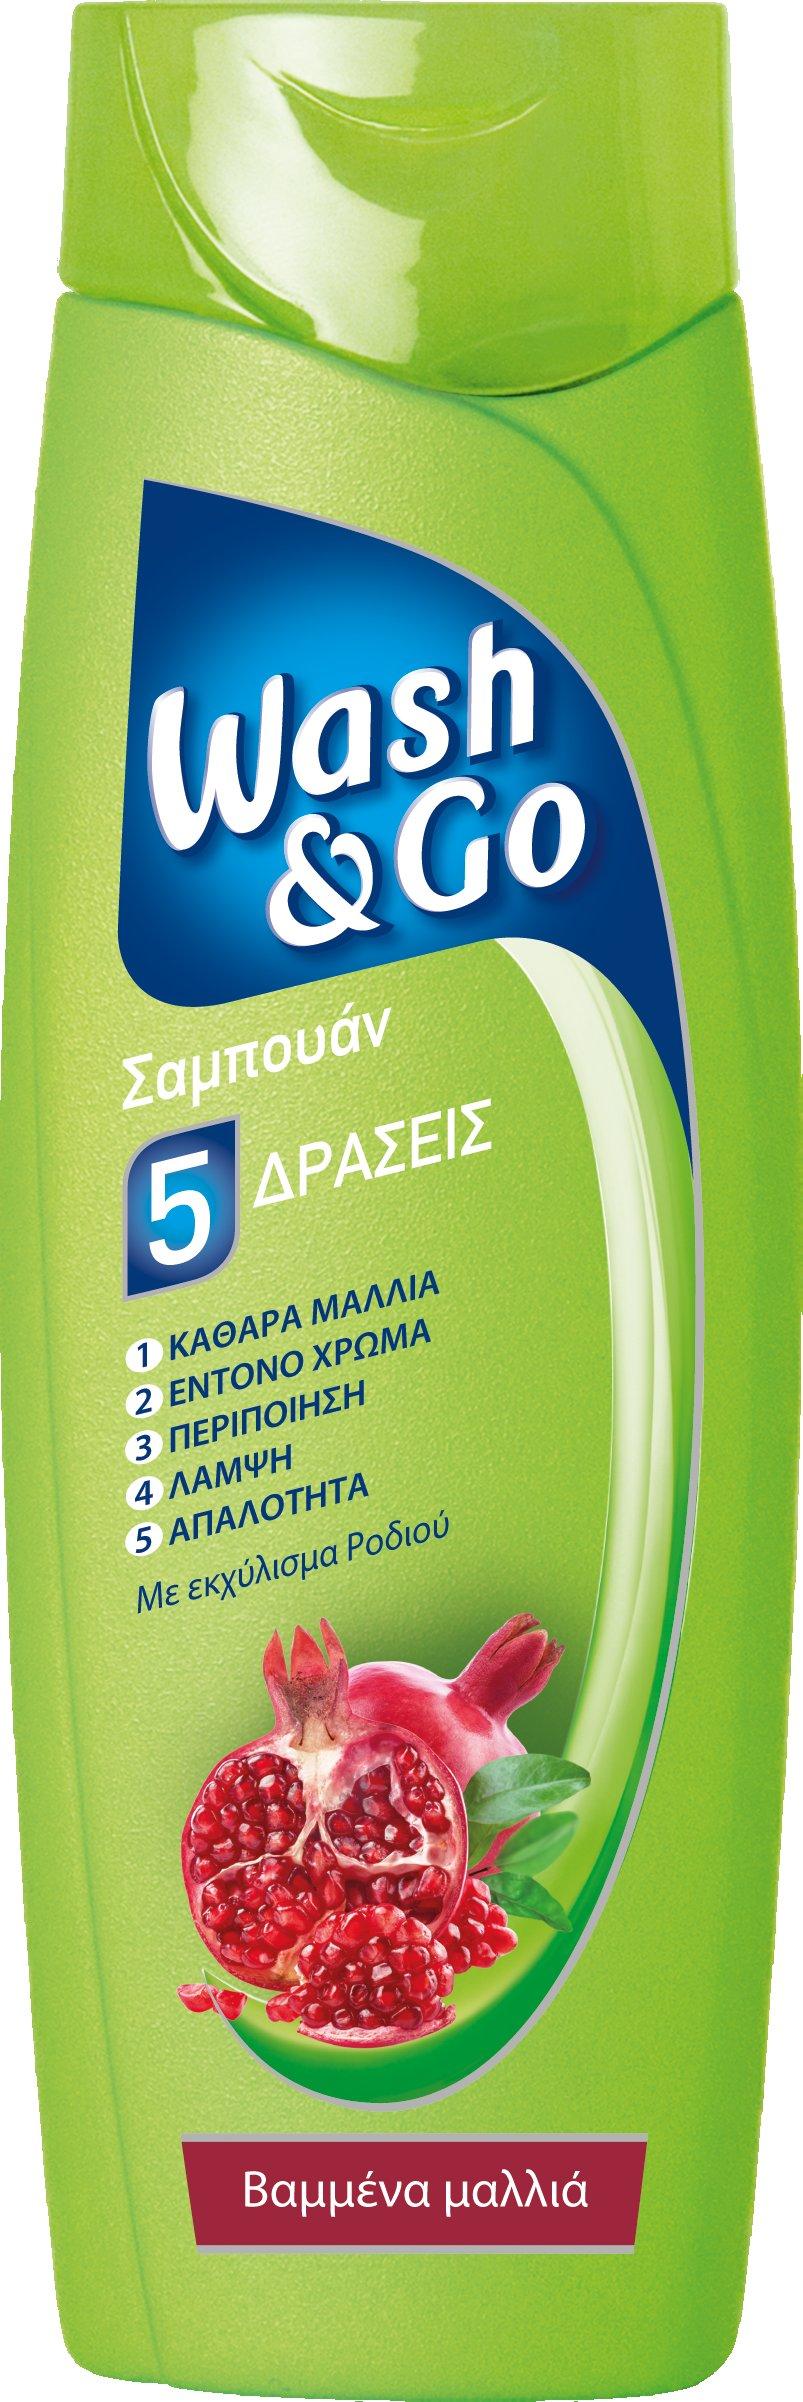 Σαμπουάν για Βαμμένα Μαλλιά Με Εκχύλισμα Ροδιού Wash & Go (400 ml) 1+1